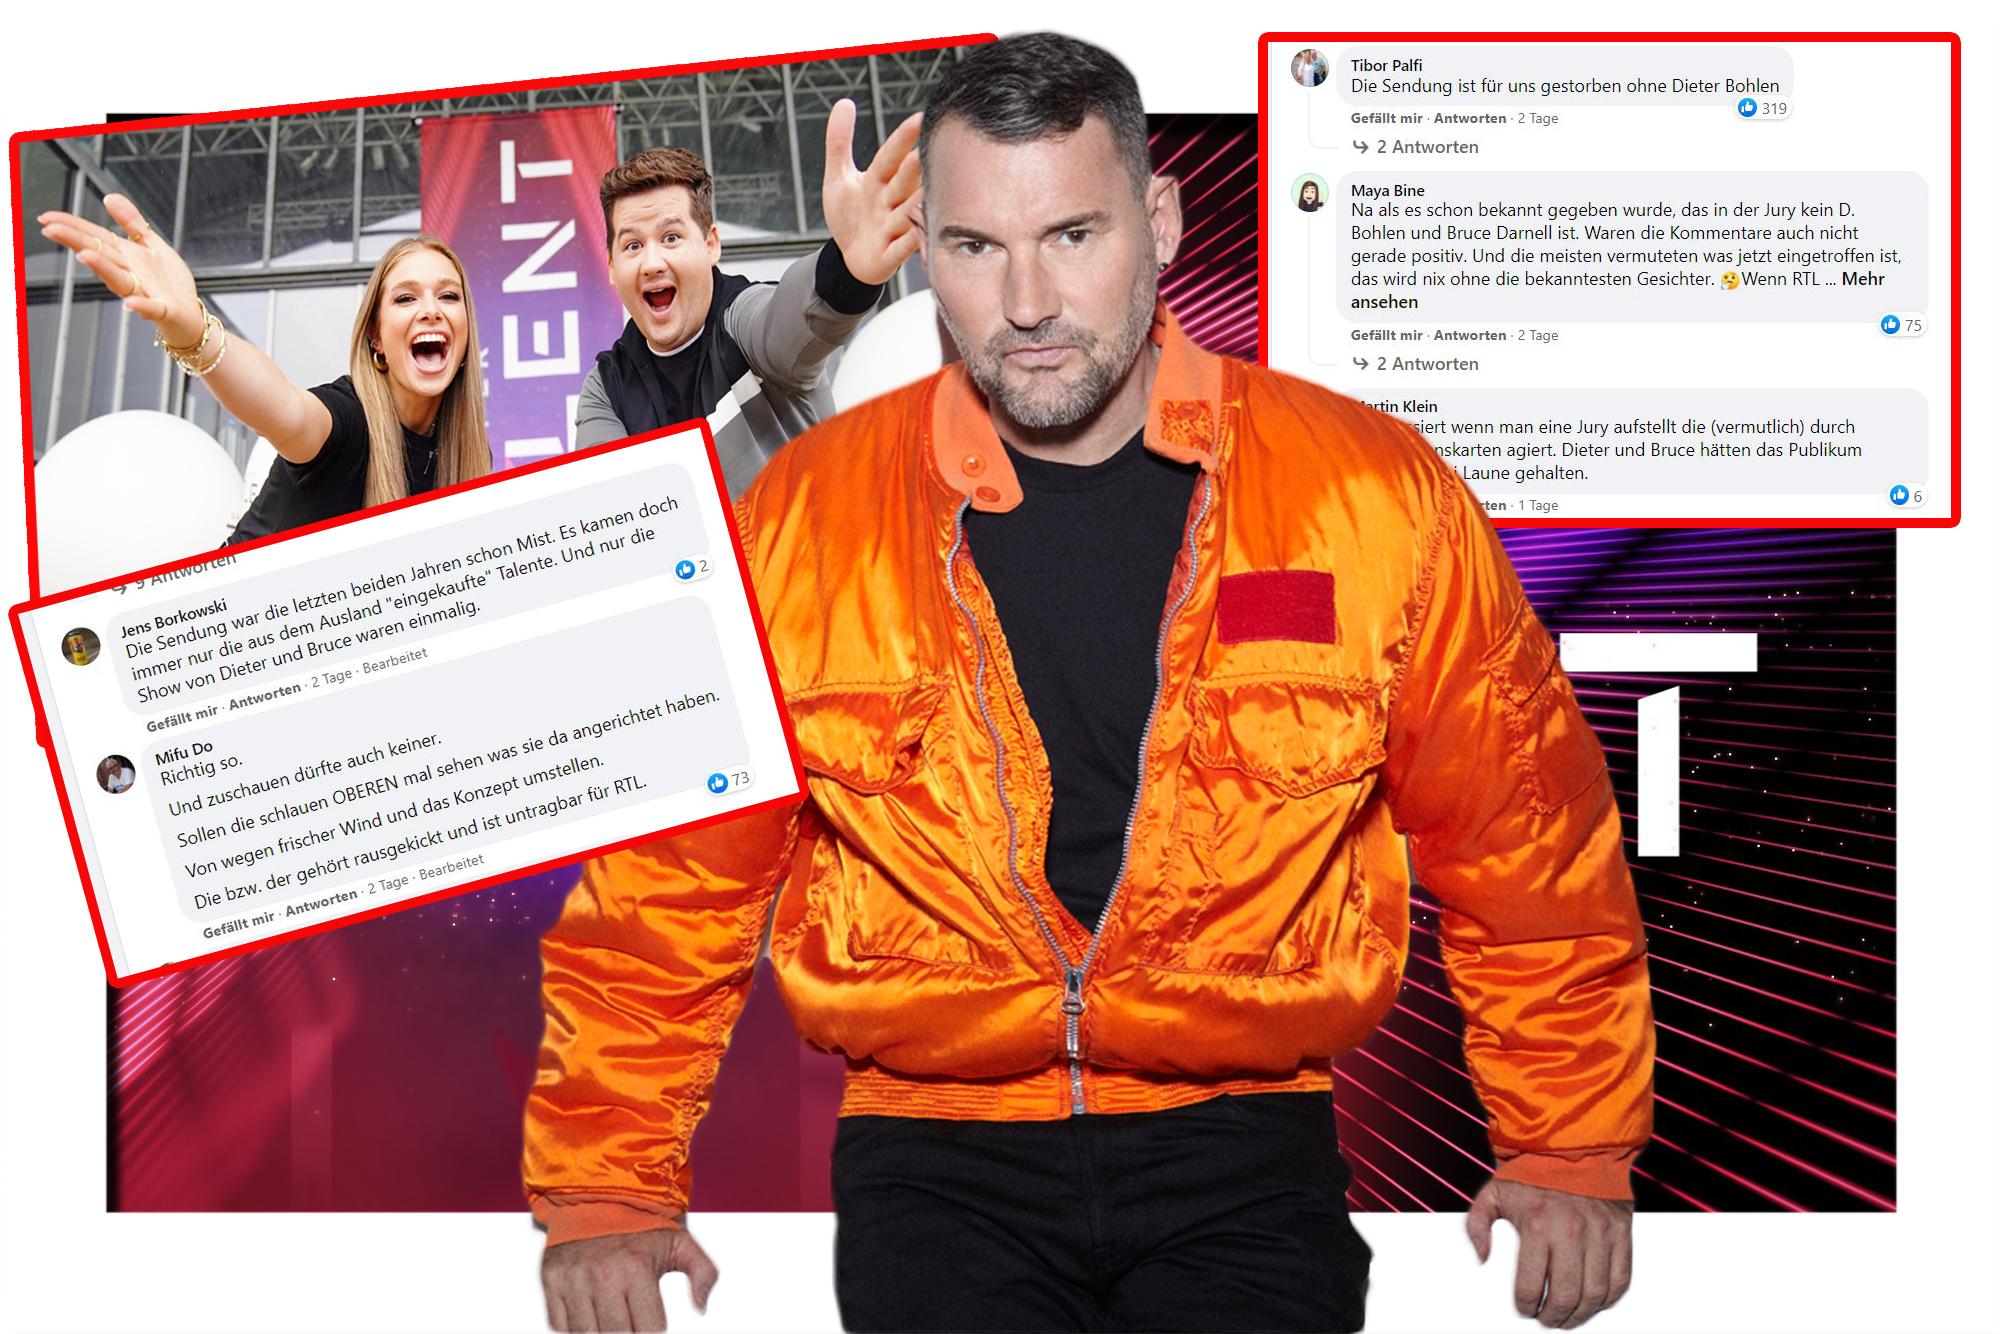 """""""Sendung ohne Dieter Bohlen gestorben"""": Zuschauer verlassen genervt Supertalent-Studio"""